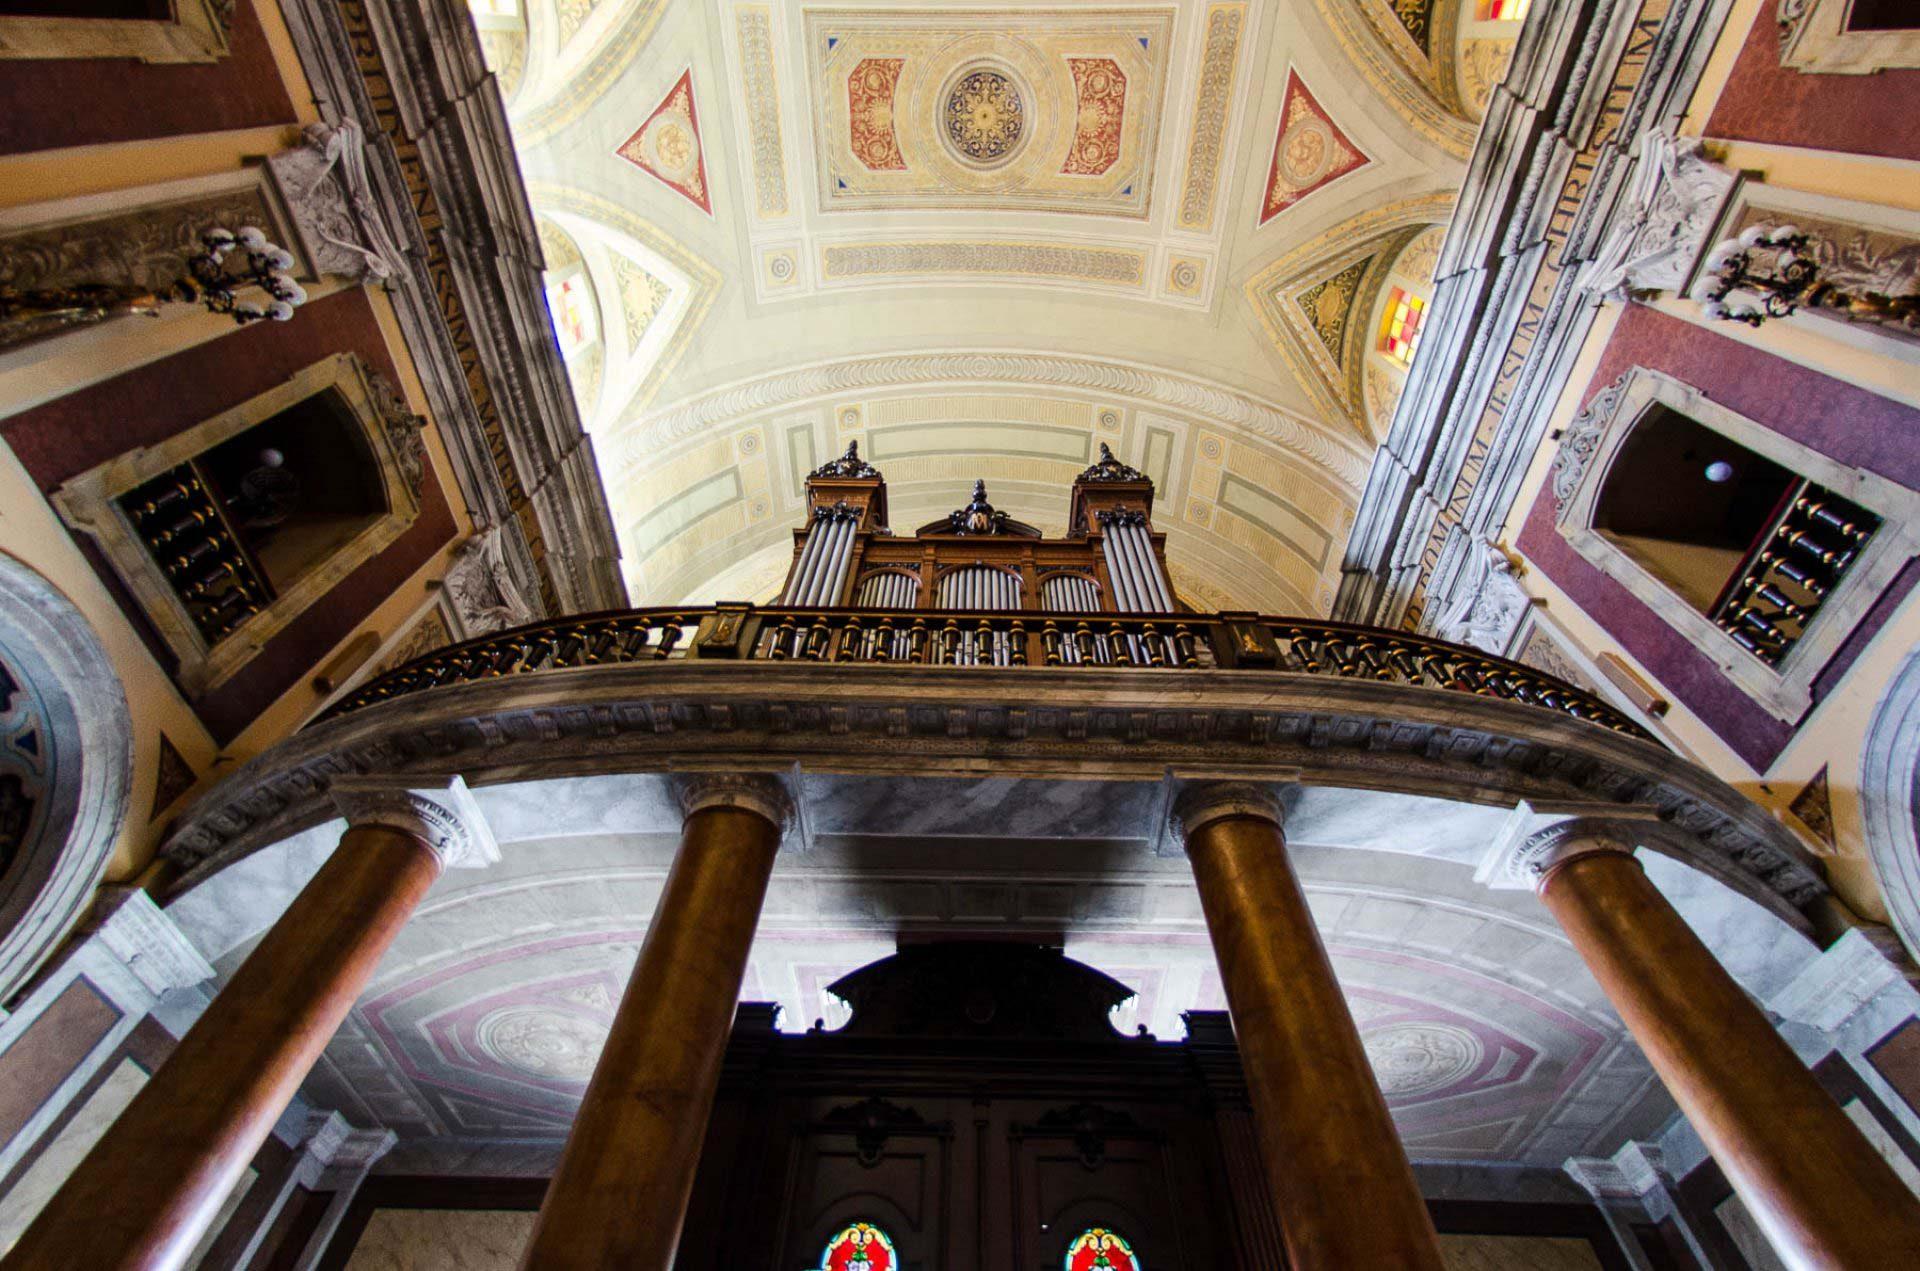 Órgão Francês na igreja da Sé